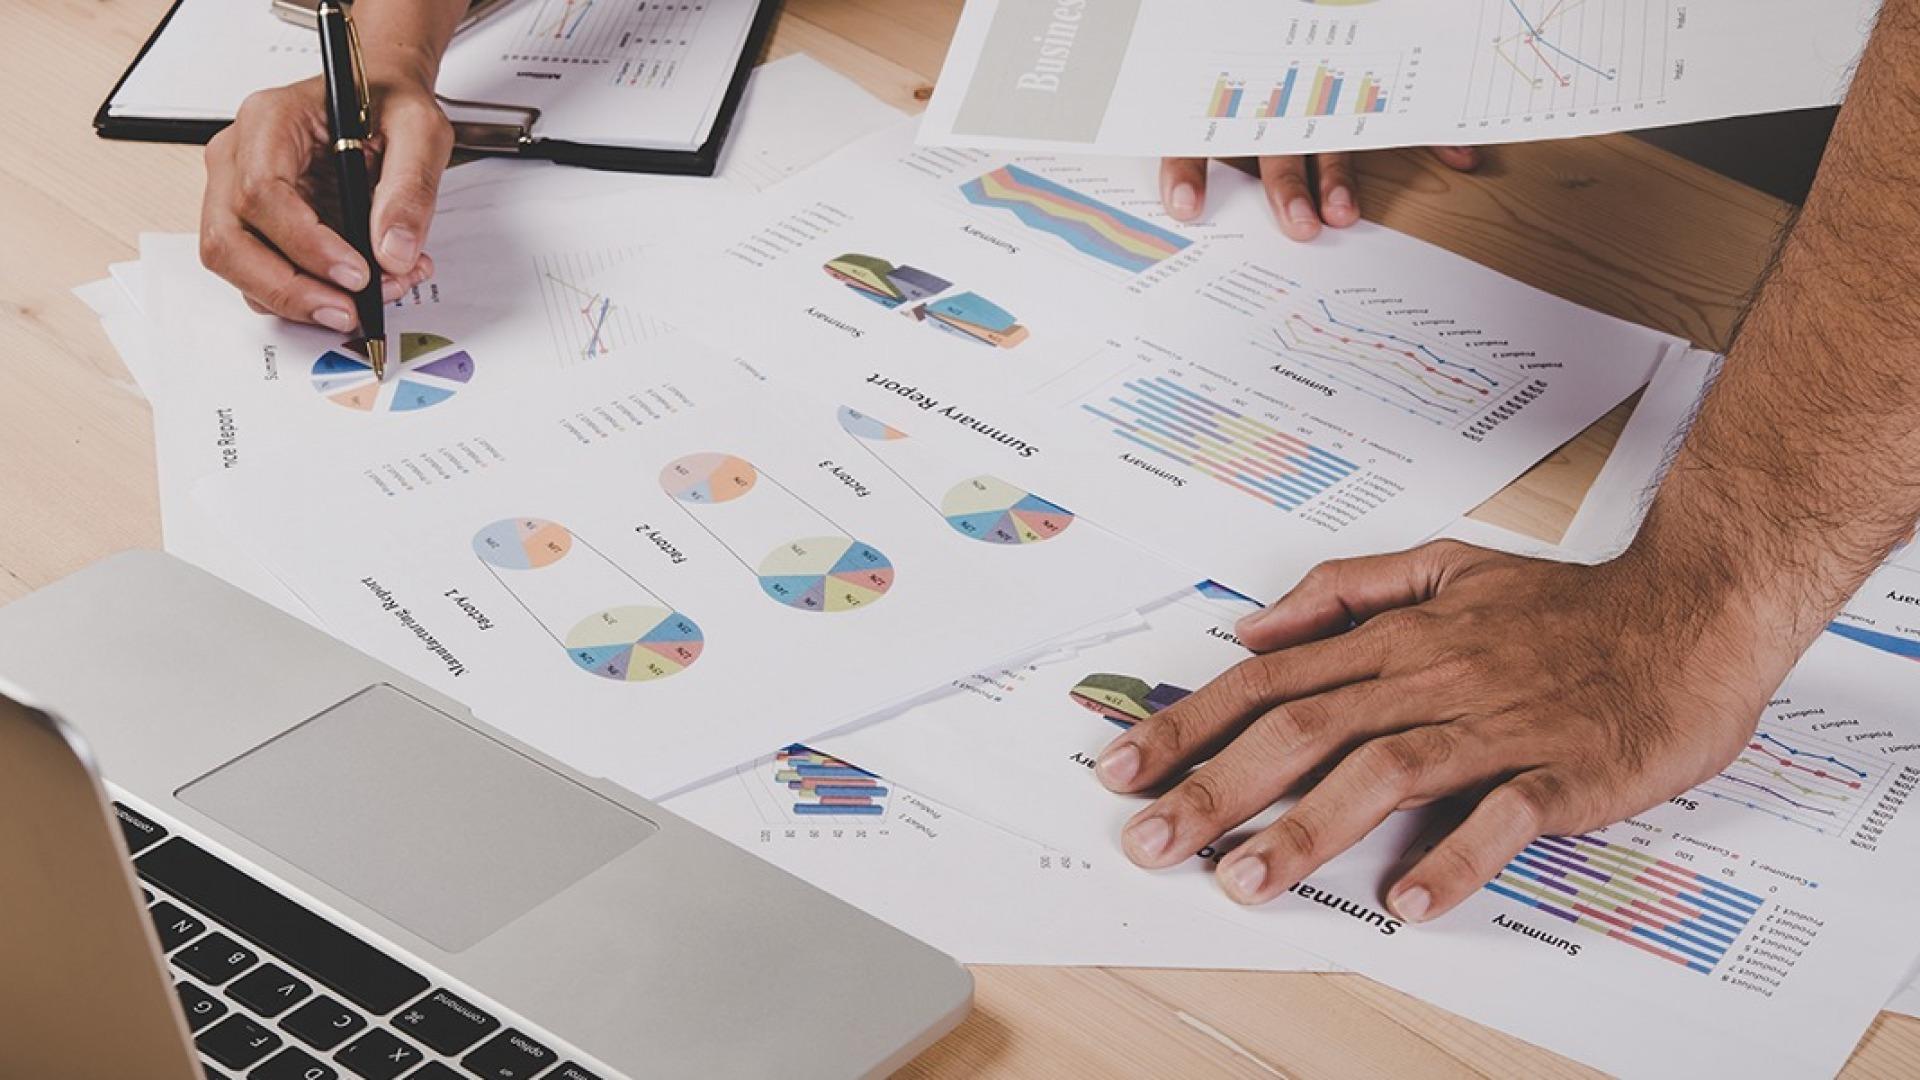 immagine blog Come analizzare i dati di un E-commerce